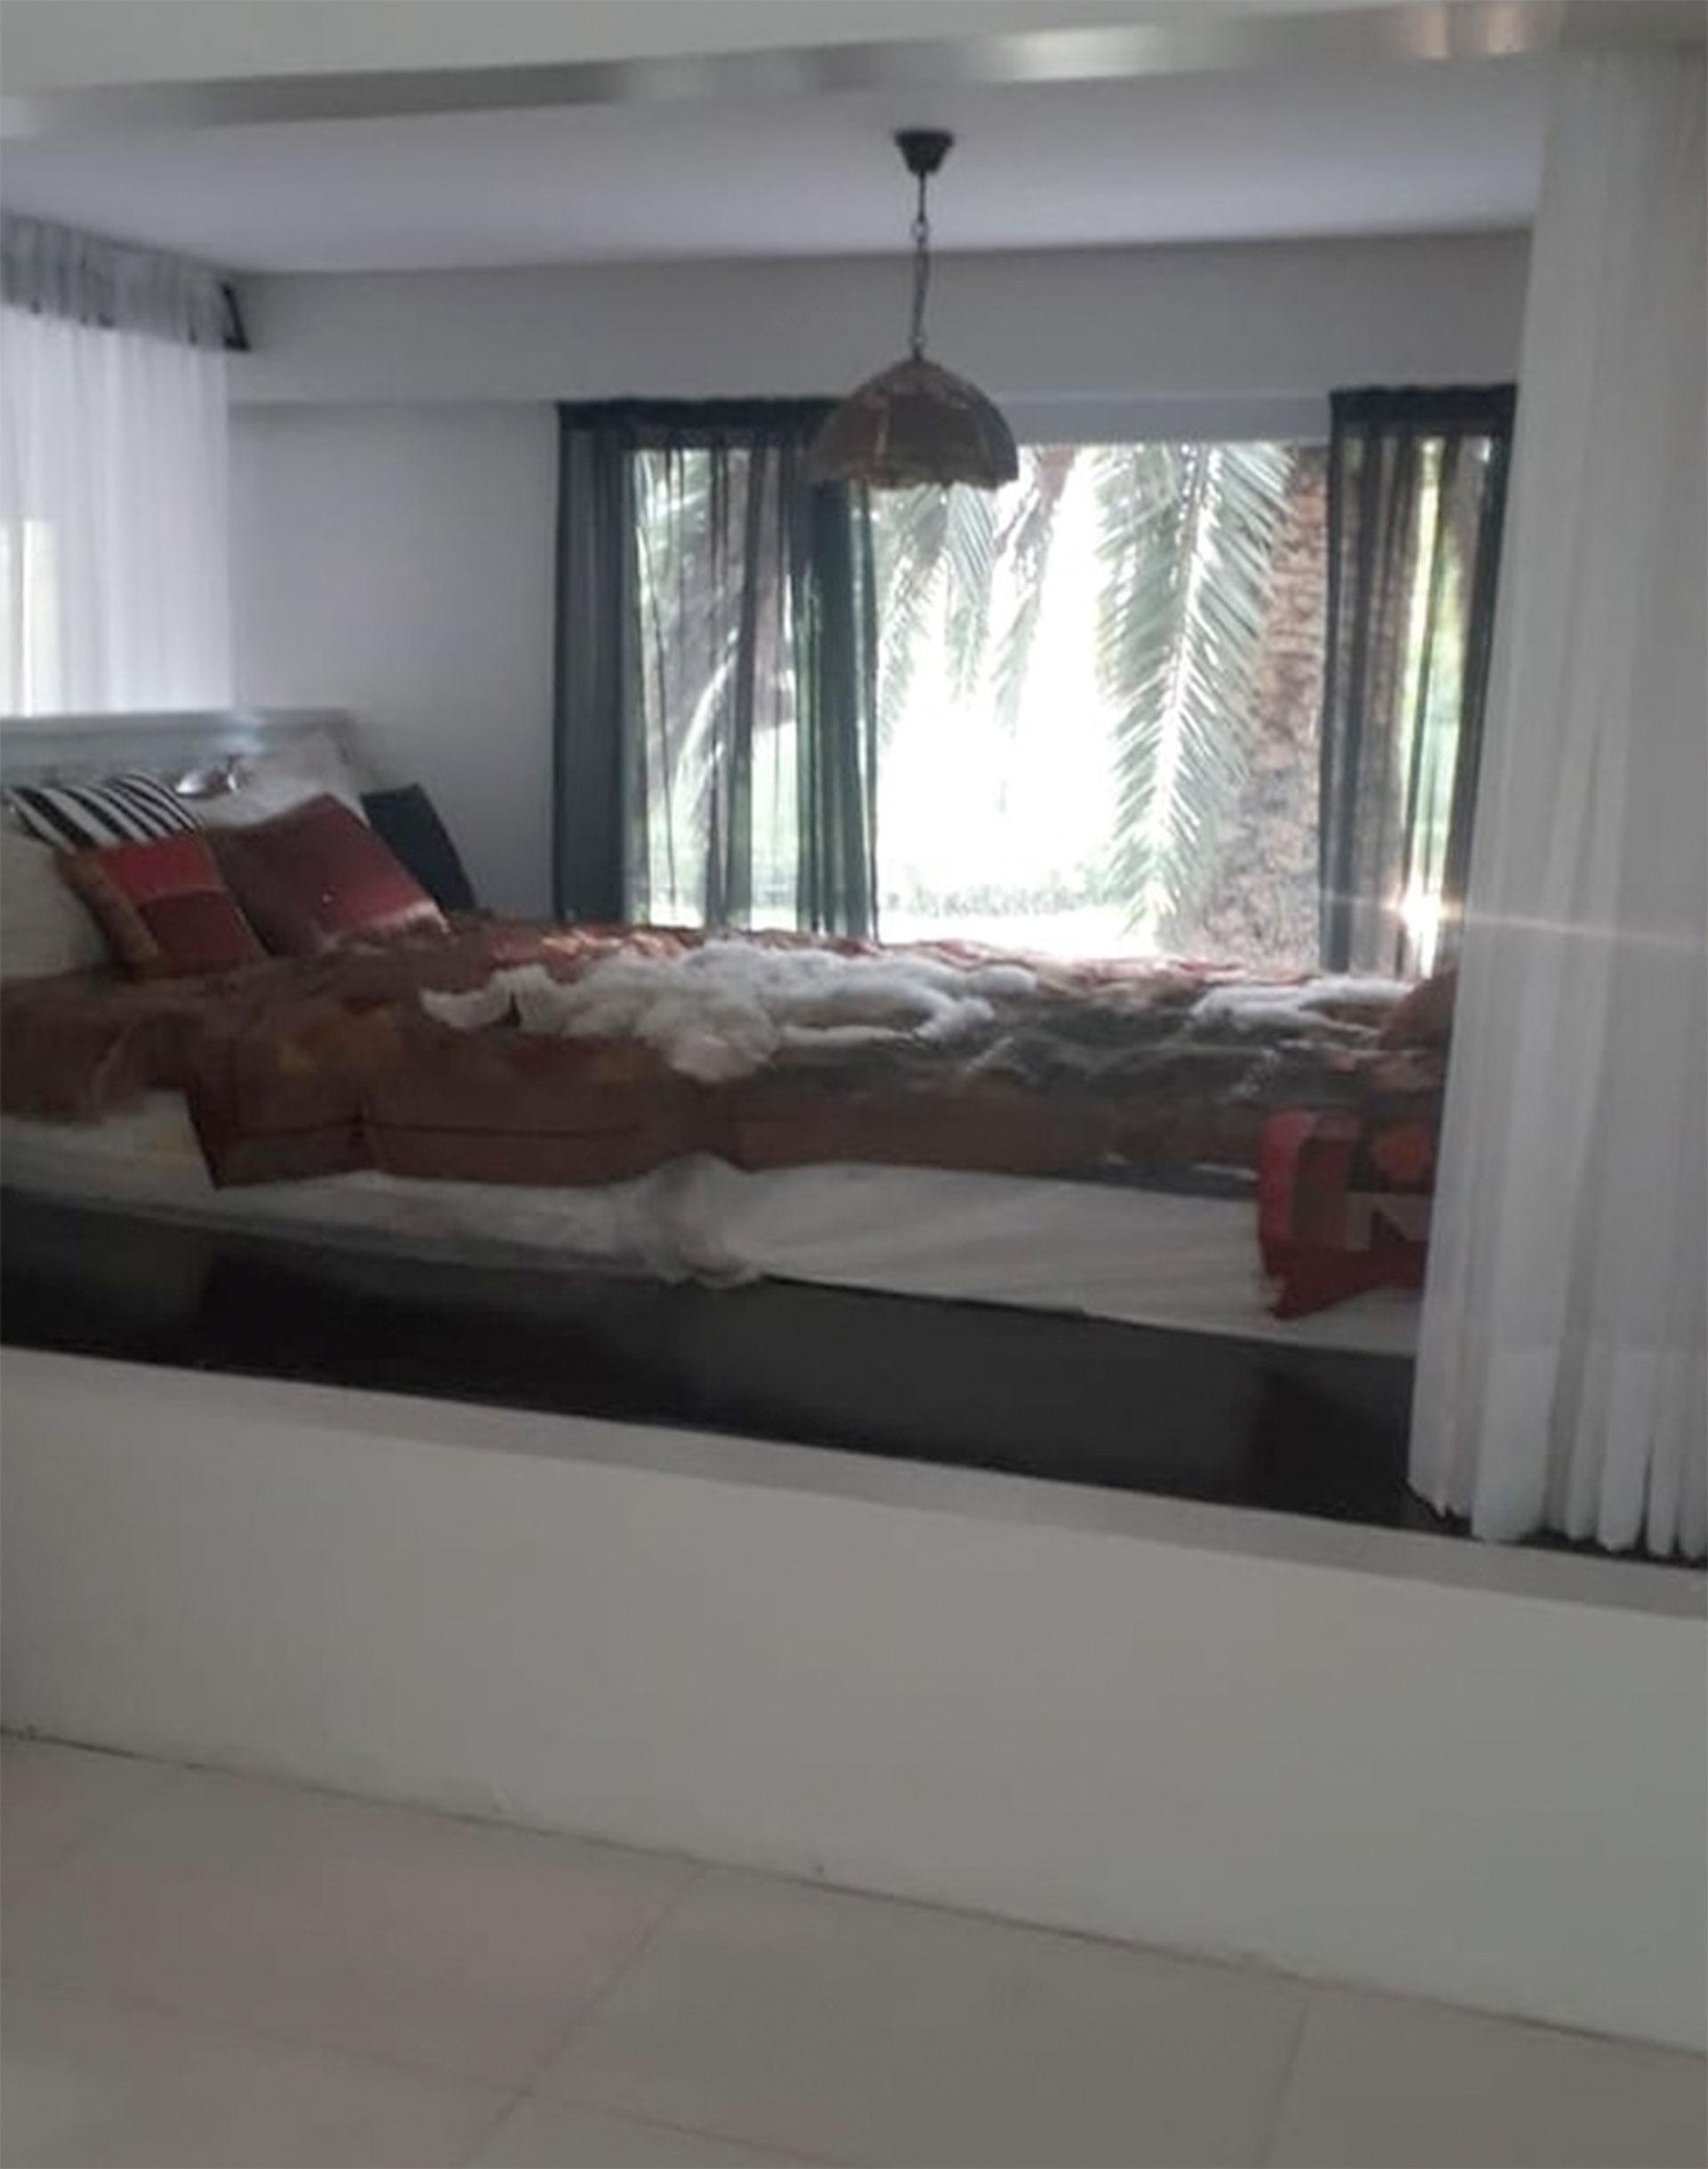 """Sobre esta cama los investigadores habrían encontrado el cuerpo de Natacha. """"Estaba acostada boca arriba"""", informaron fuentes policiales."""